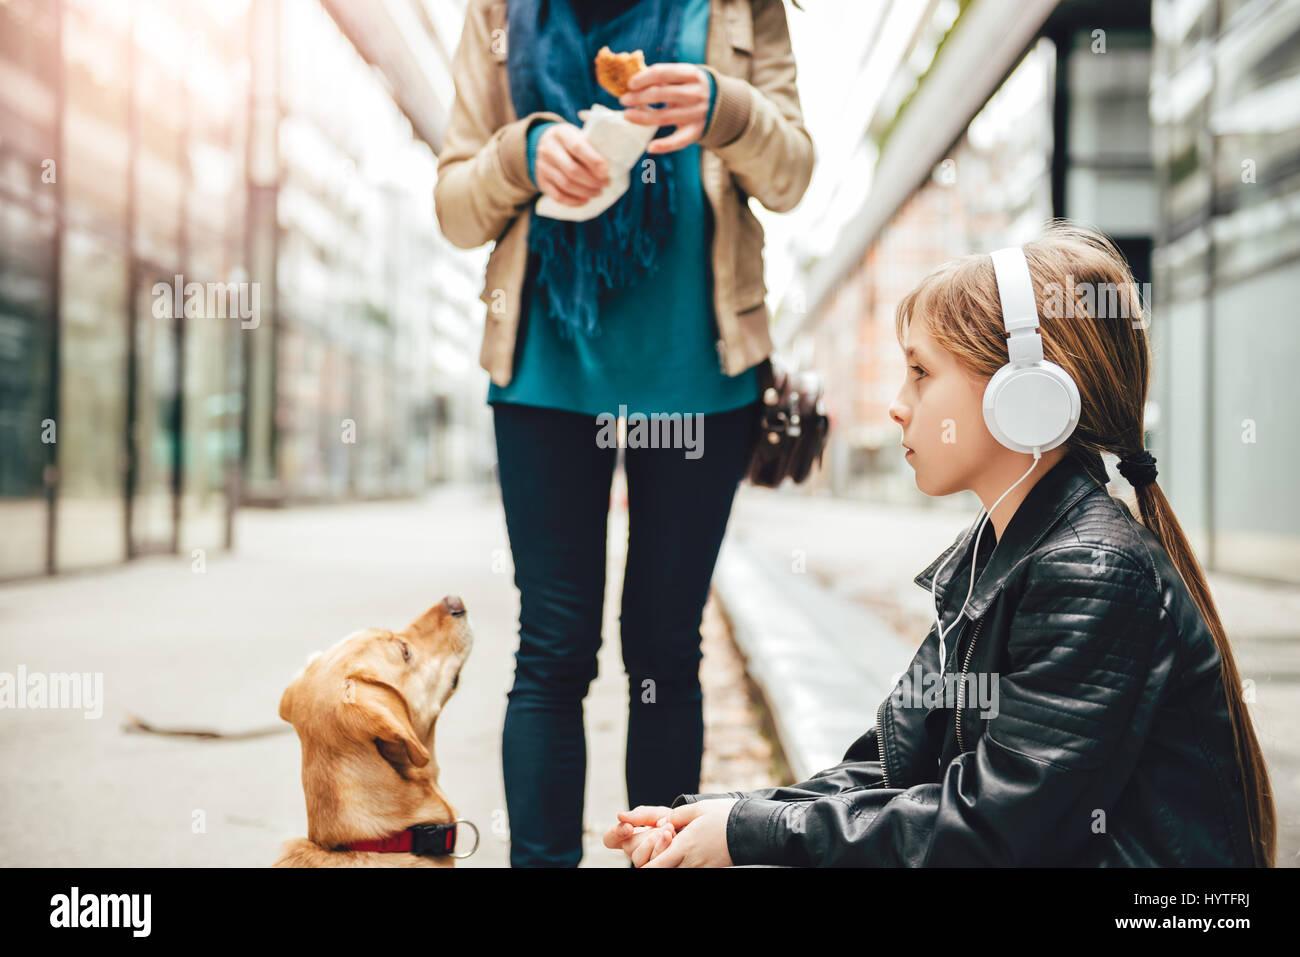 Tochter hören von Musik über Kopfhörer während Mutter und ihr Hund stehen neben Stockbild